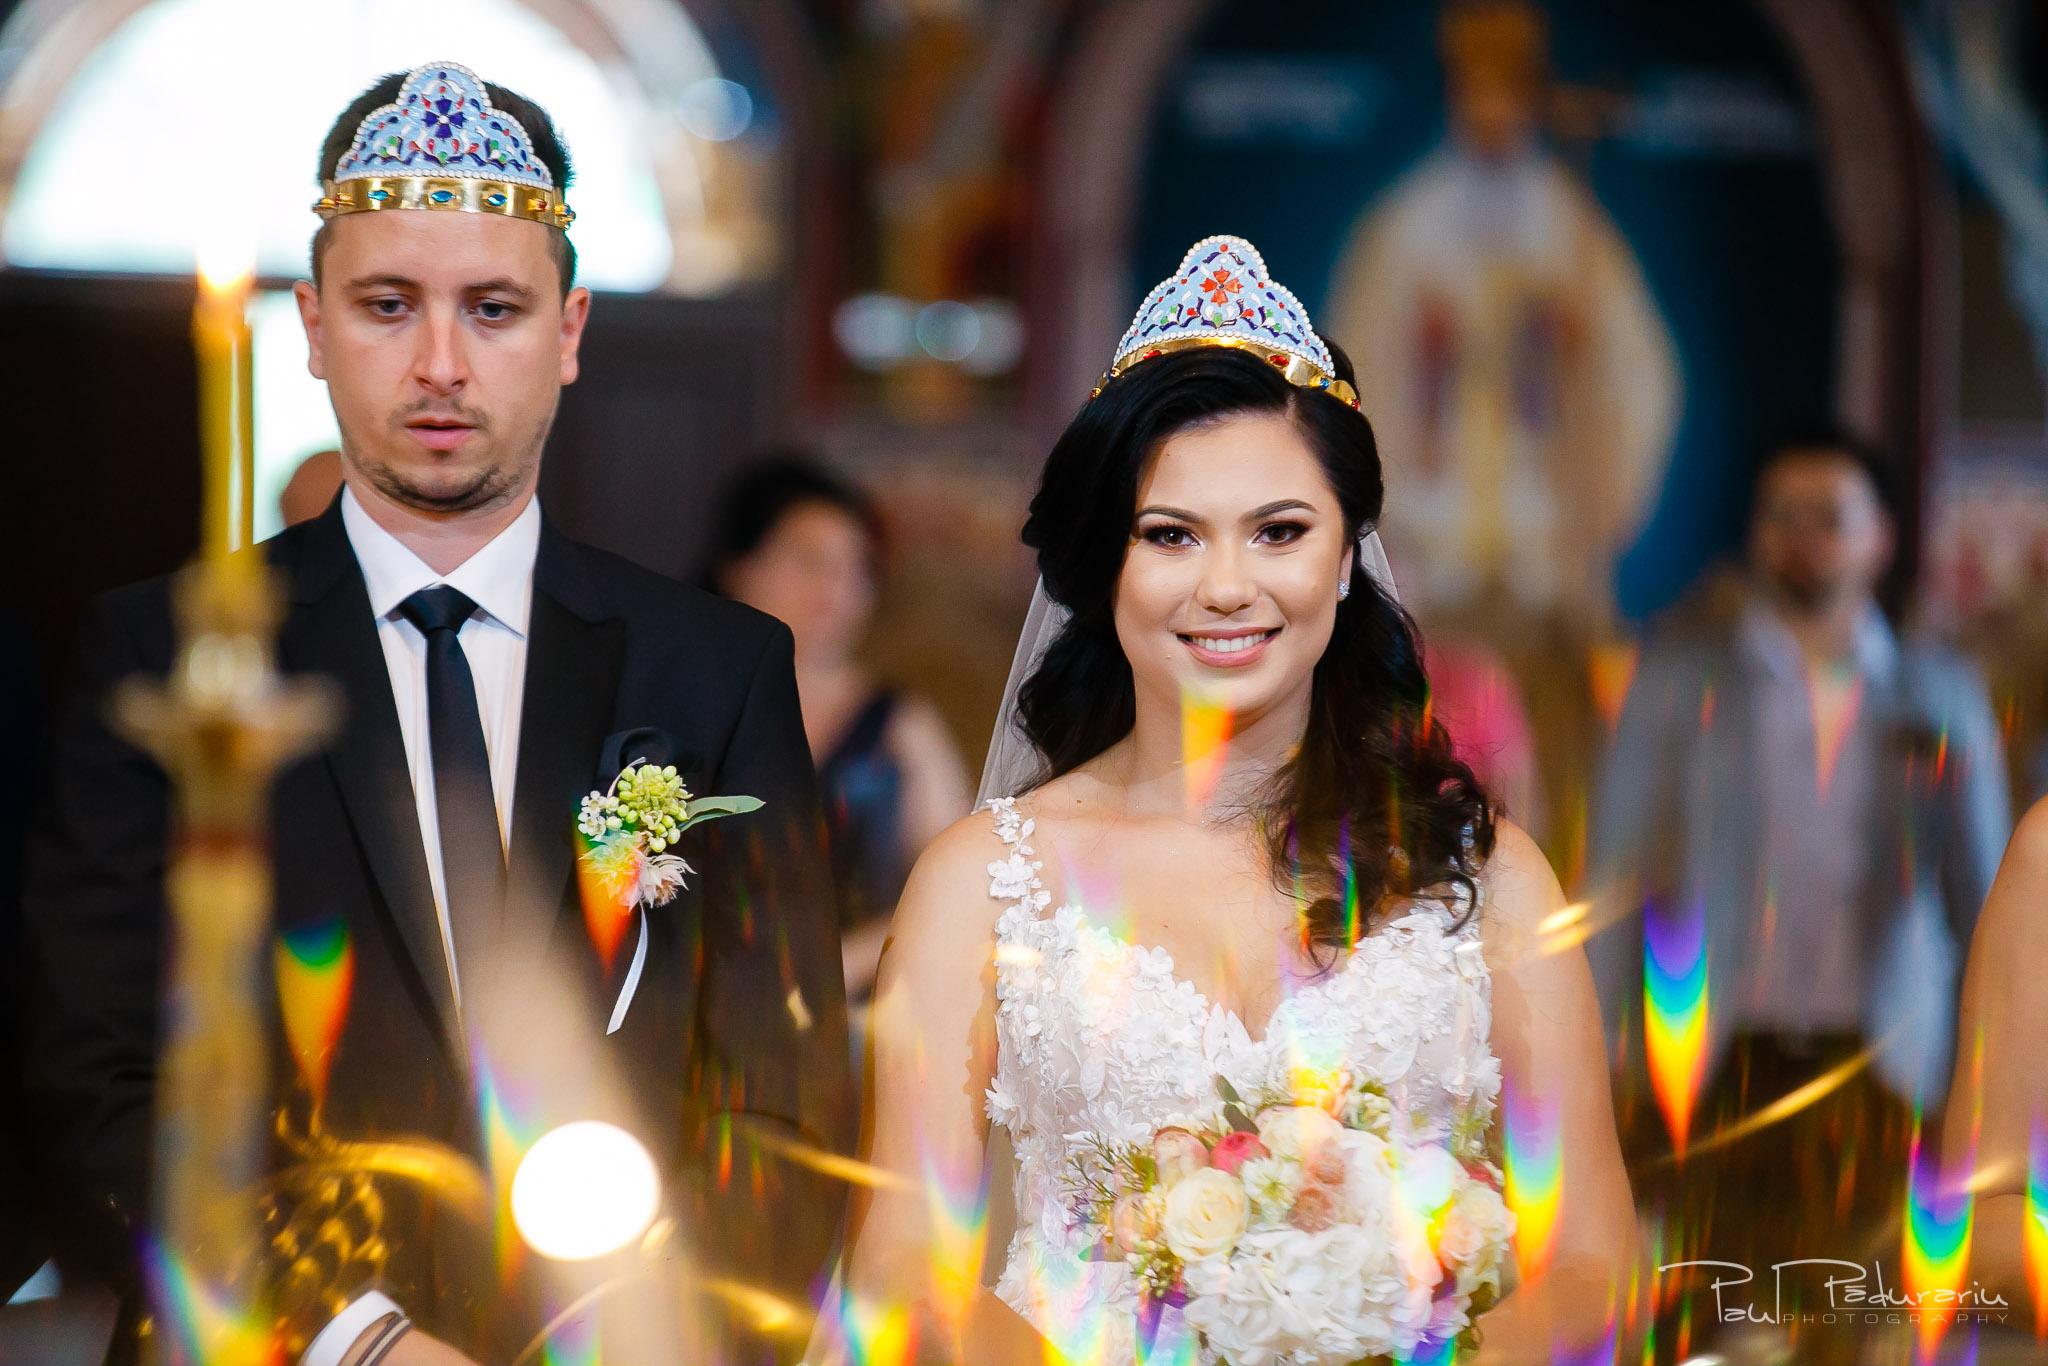 Denisa si Andrei nunta Hotel International Iasi 2019 fotograf nunta iasi paul padurariu 27